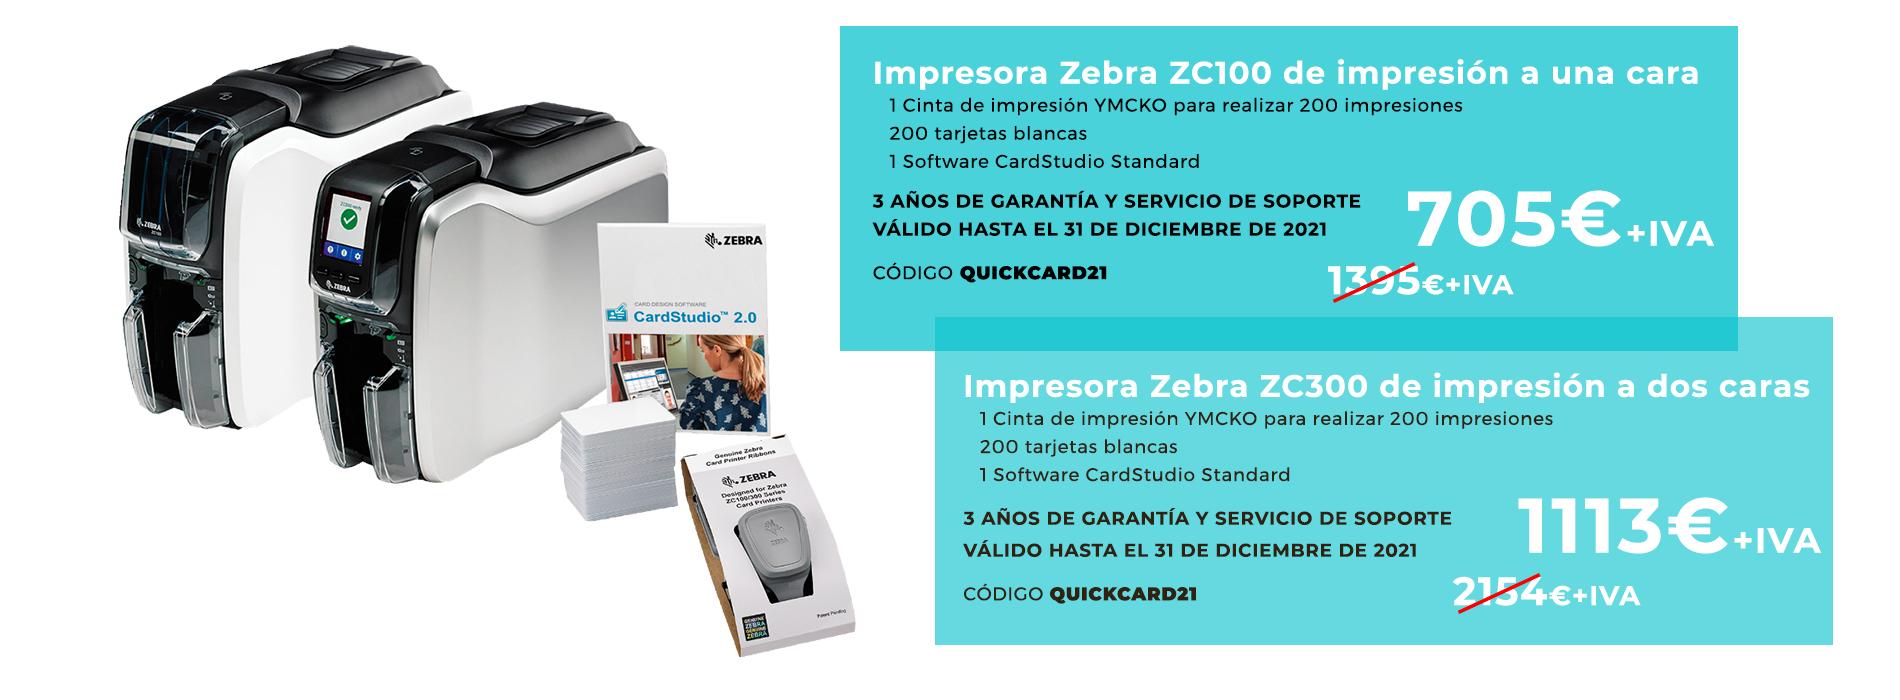 slider1DEF 1 - Sipcards: La mejor oferta de Impresoras y tarjetas PVC